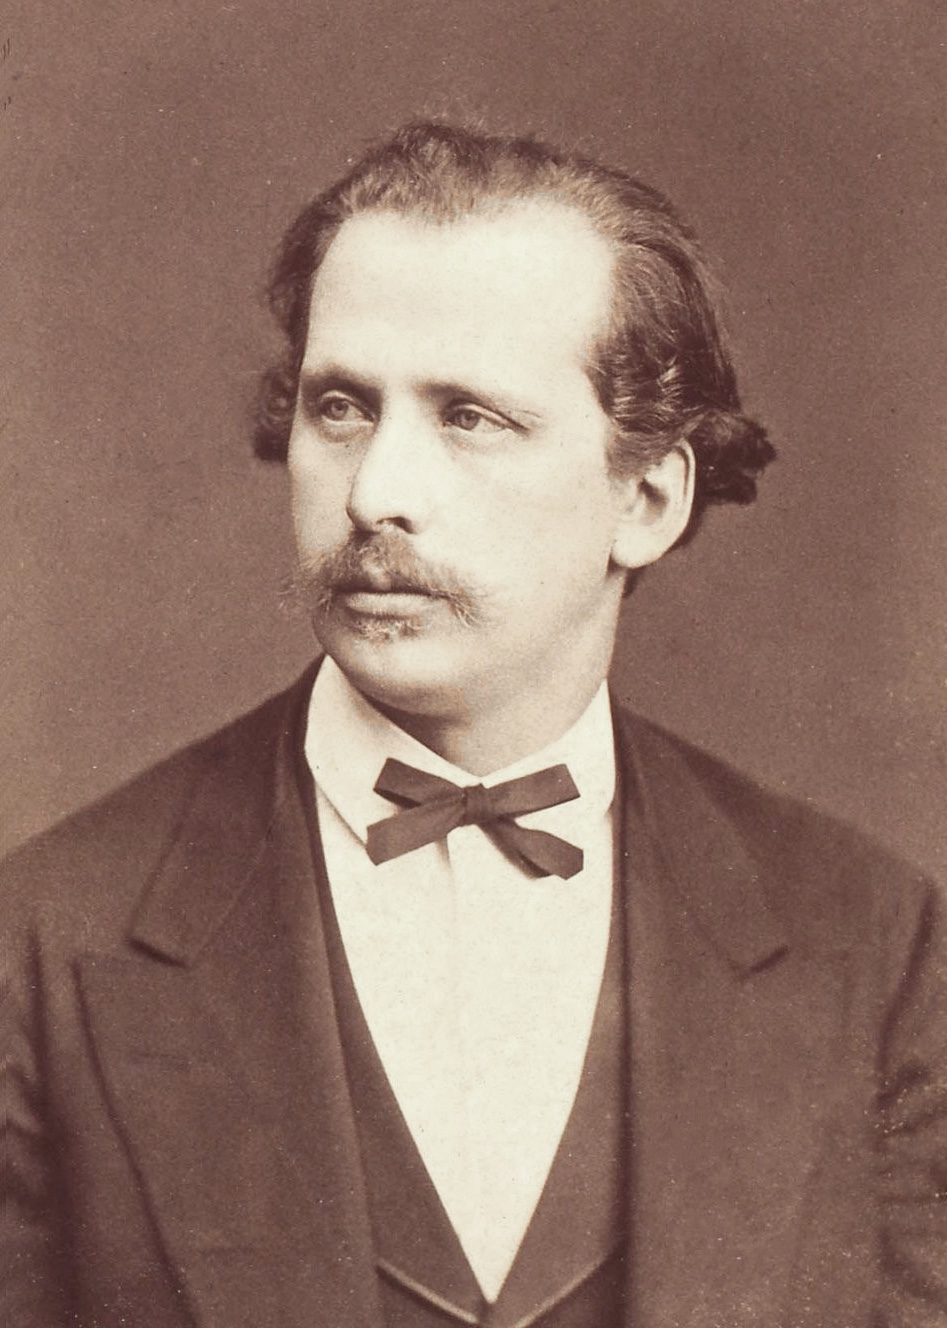 Nicolai Rubenstein